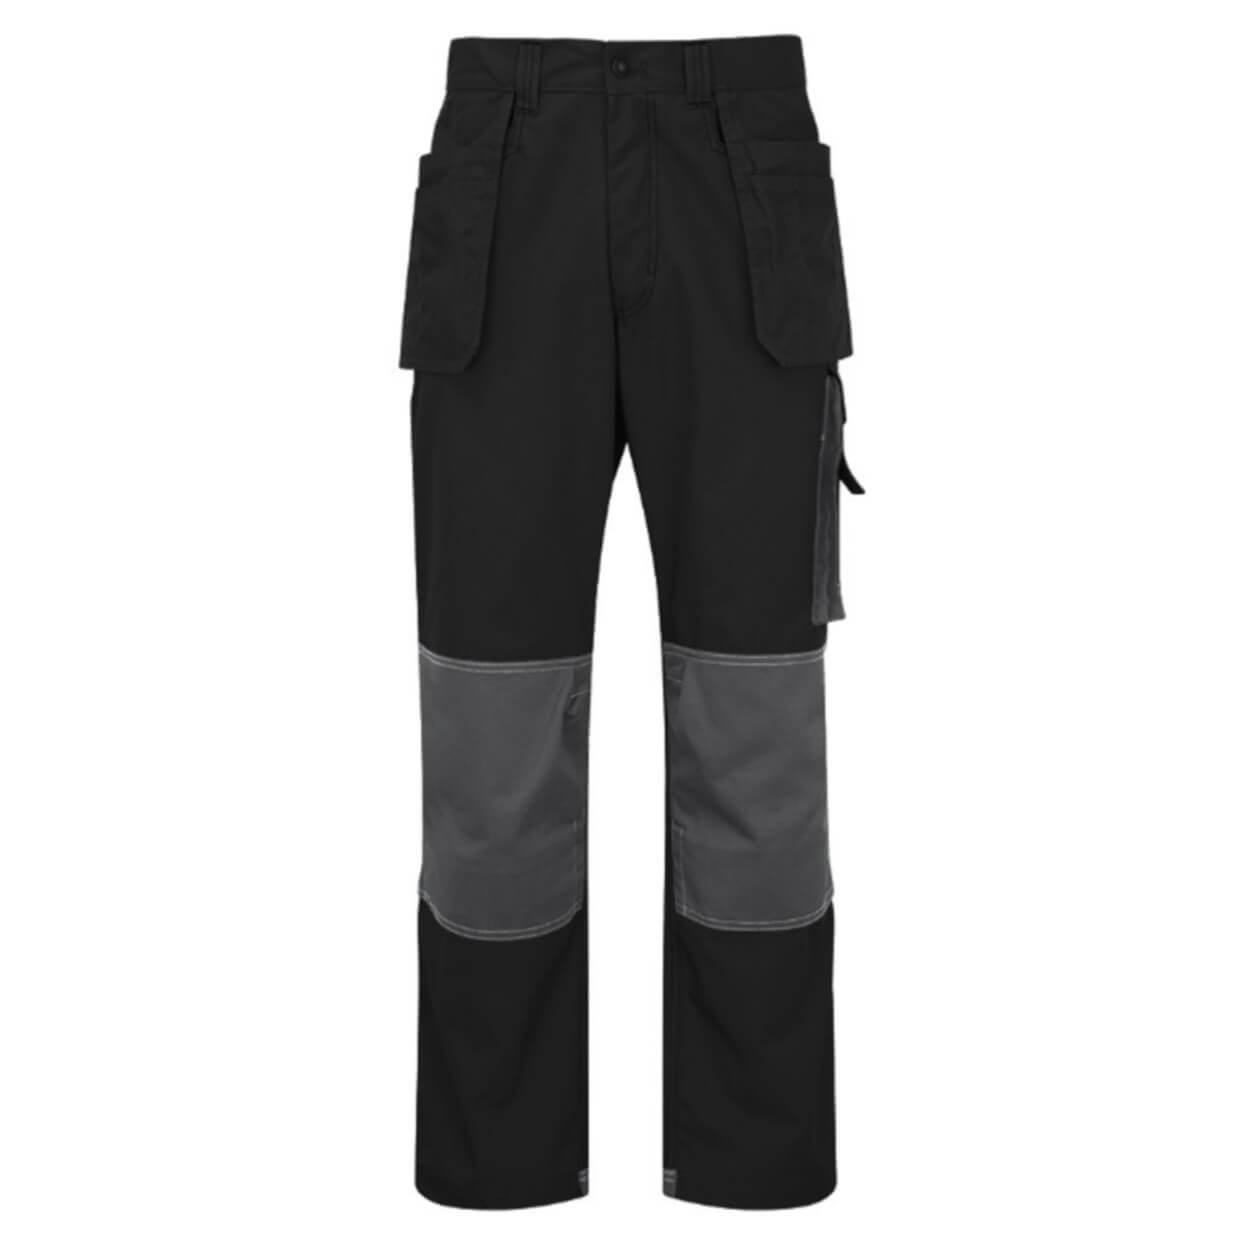 Ανδρικό παντελόνι θήκη από βολφράμιο